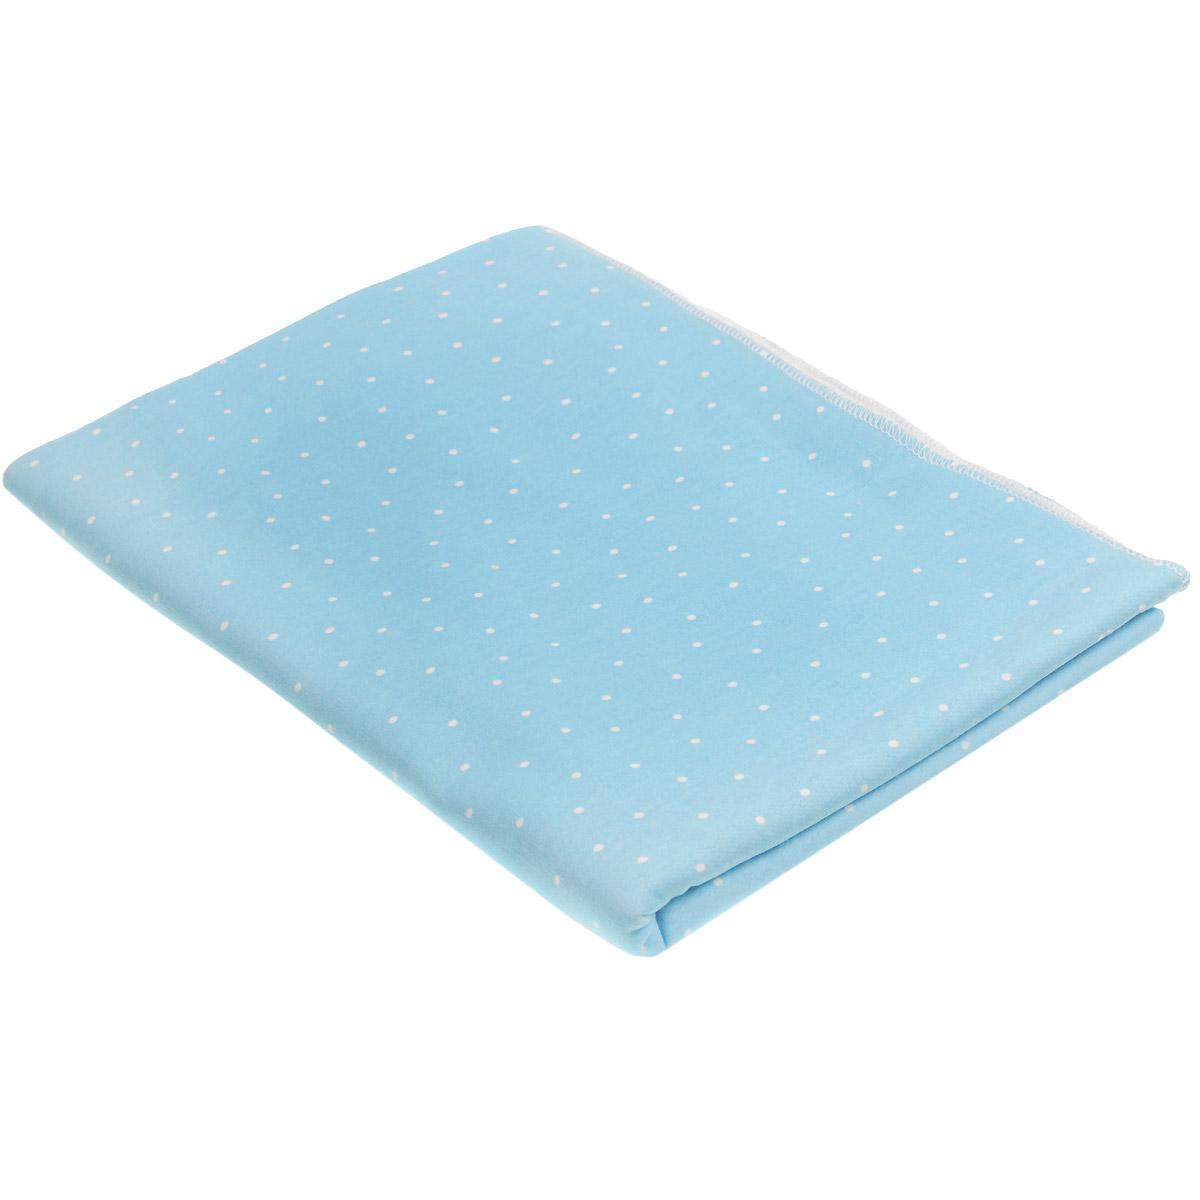 Пеленка трикотажная Трон-плюс, цвет: голубой, белый, 120 см х 90 см5411 гол горДетская пеленка Трон-Плюс подходит для пеленания ребенка с самого рождения. Она невероятно мягкая и нежная на ощупь. Пеленка выполнена из футера - натурального трикотажного материала из хлопка, гладкого с внешней стороны, мягкого и нежного с внутренней. Такая ткань прекрасно пропускает воздух, она гипоаллергенна, не раздражает чувствительную кожу ребенка, почти не мнется и не теряет формы после стирки. Мягкая ткань укутывает малыша с необычайной нежностью. Пеленку также можно использовать как легкое одеяло в жаркую погоду, простынку, полотенце после купания, накидку для кормления грудью или солнцезащитный козырек.Ее размер подходит для пеленания даже крупного малыша.